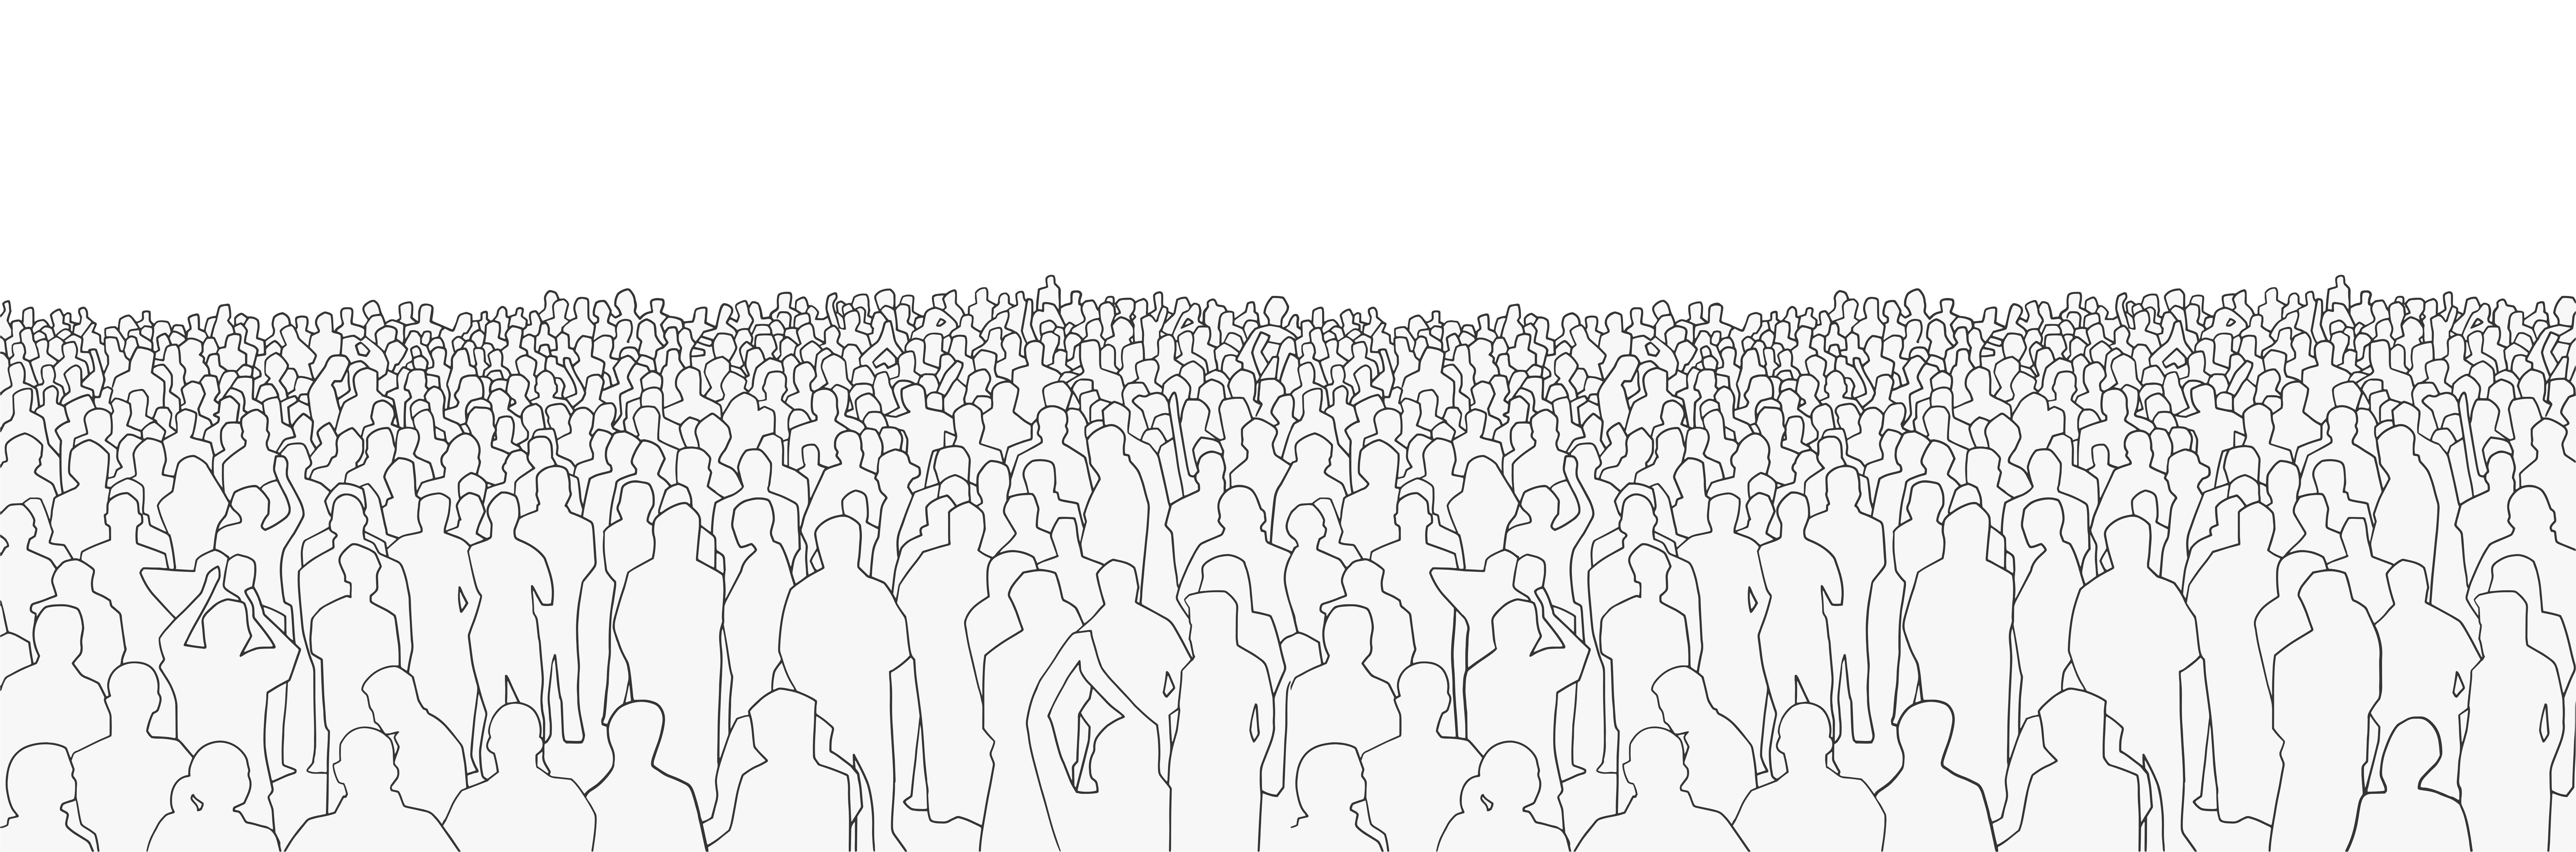 Pamplona pierde población por primera vez en los últimos años y tiene 208.537 empadronados frente a 209.672 de 2020